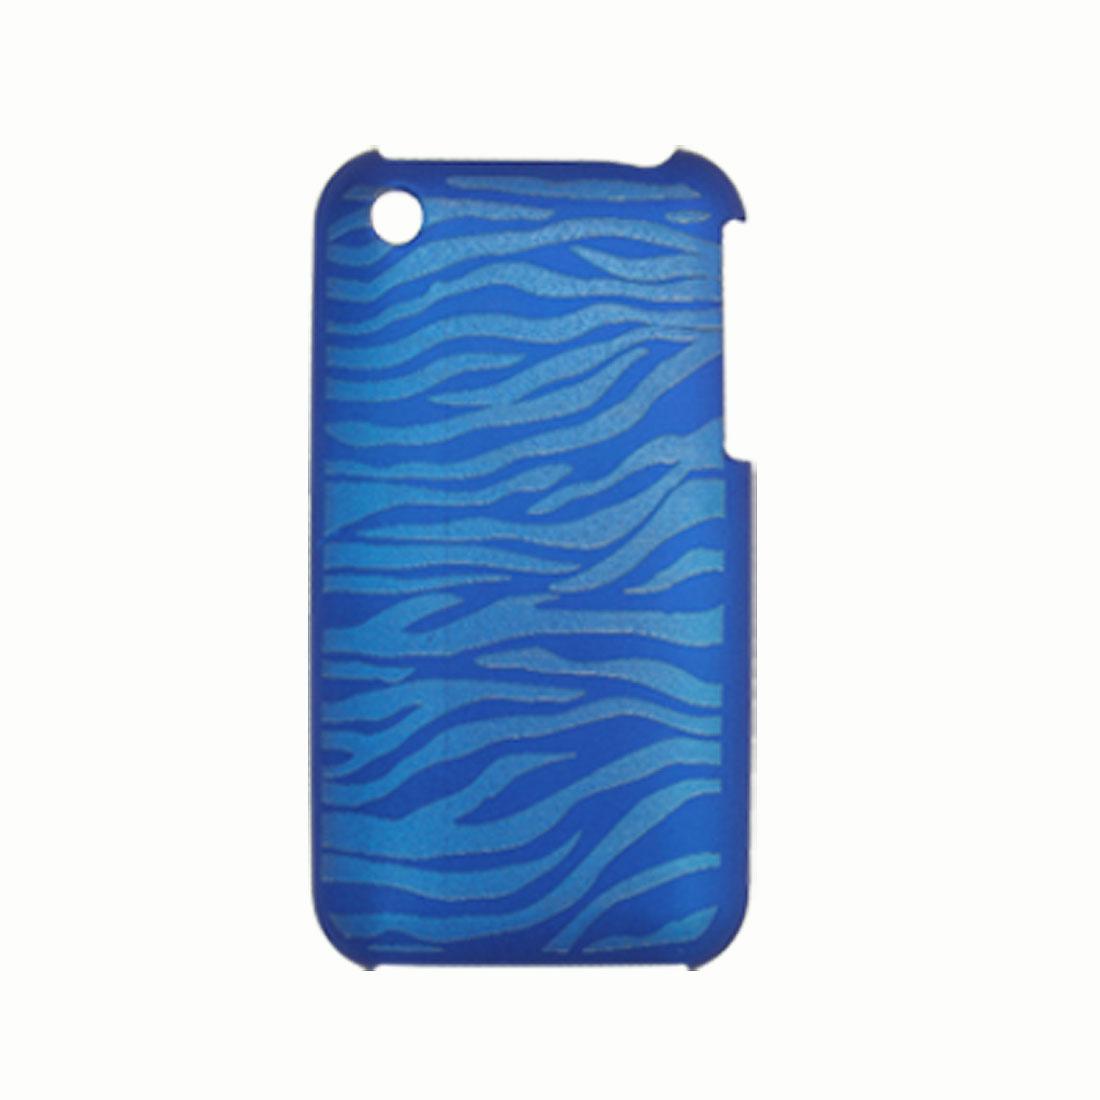 Nonslip Blue Zebra Plastic Back Case Cover for iPhone 3G / 3GS